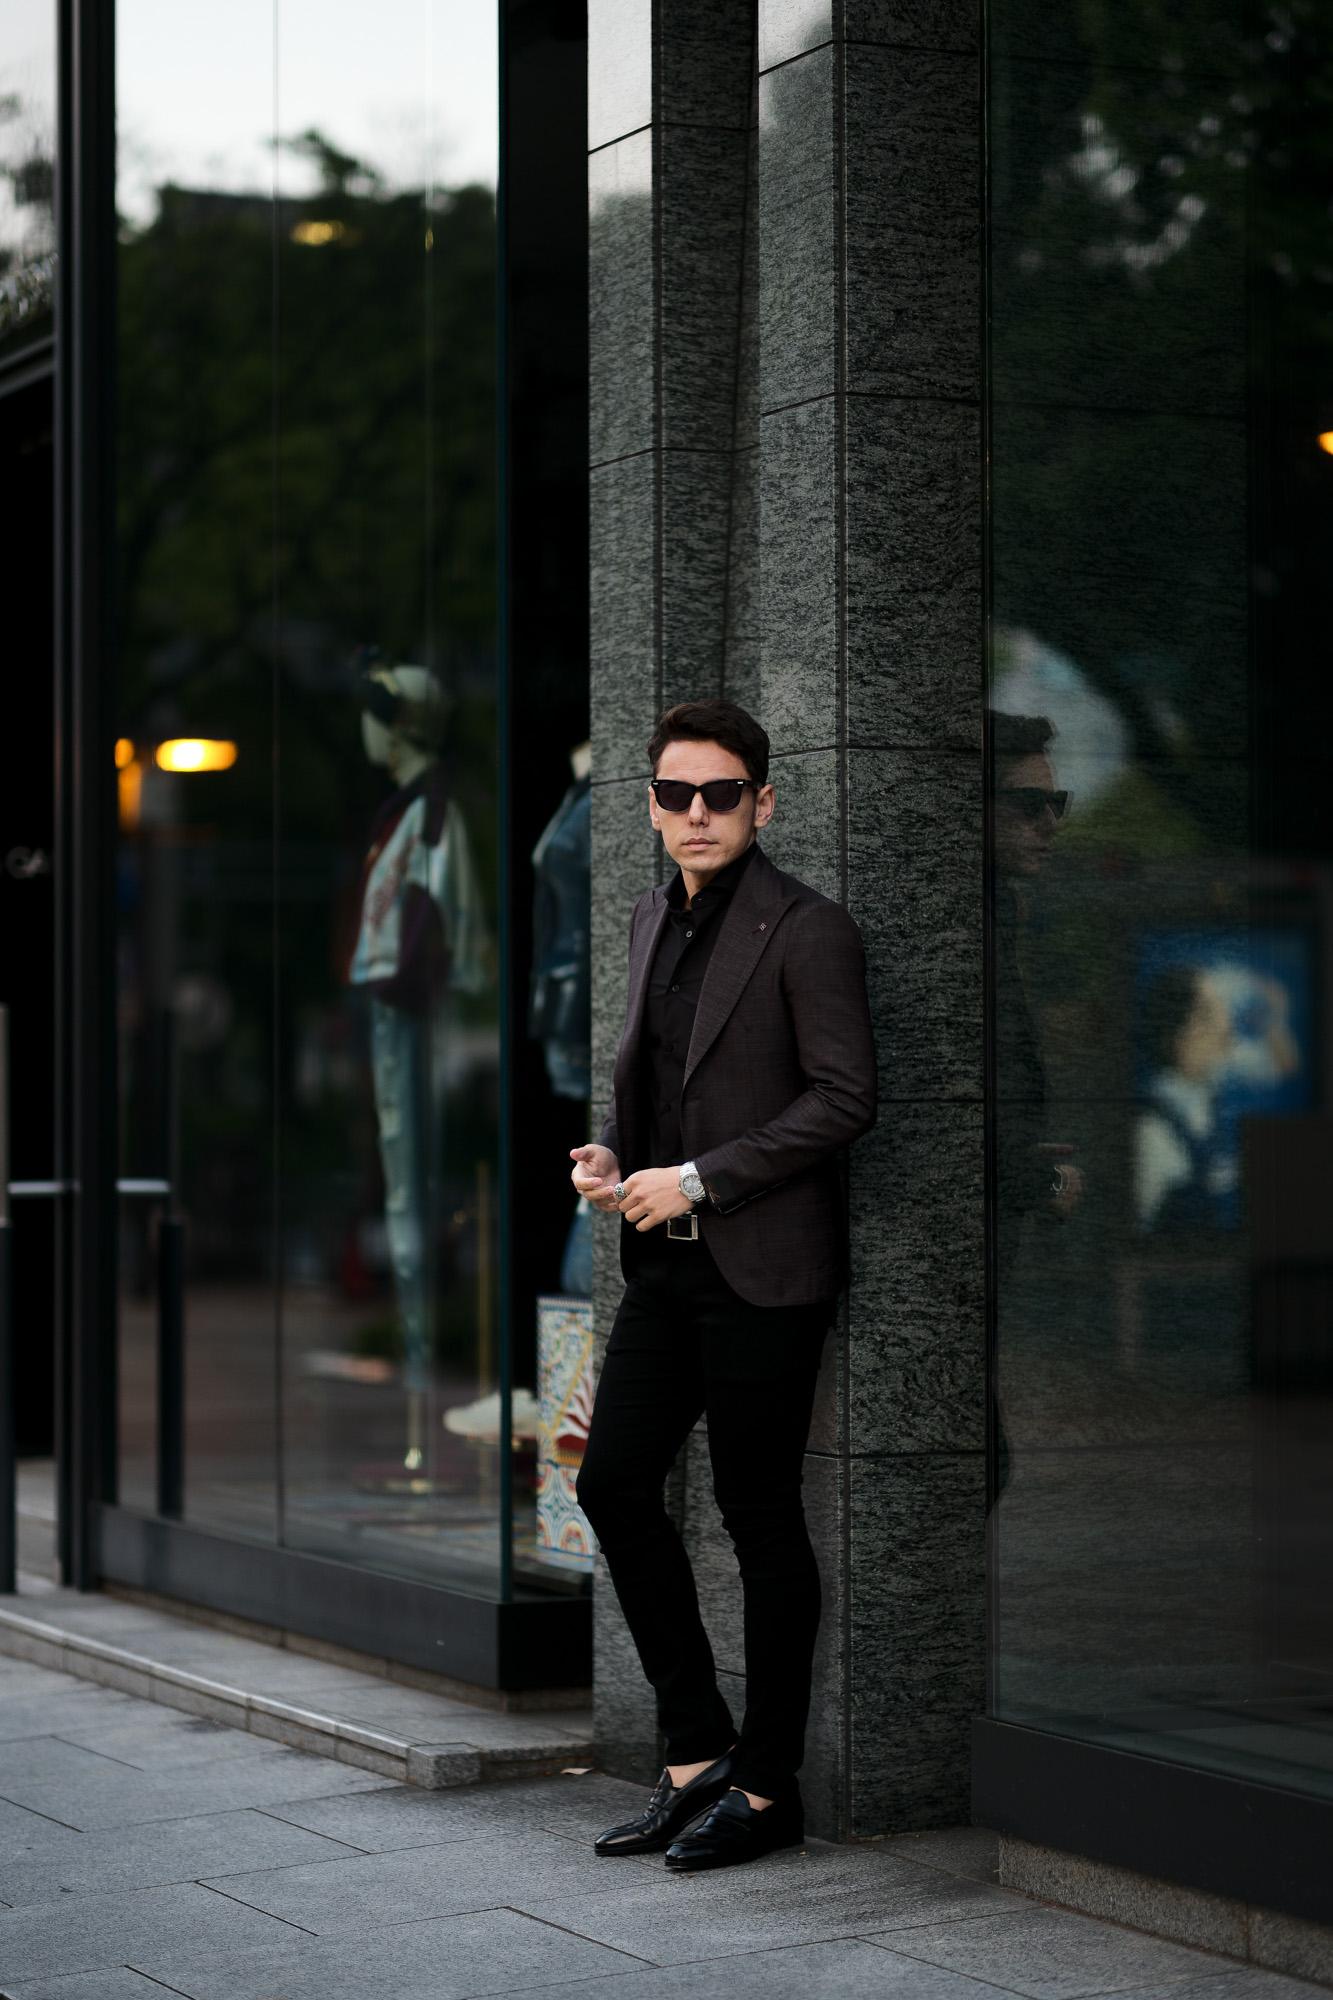 TAGLIATORE (タリアトーレ) PINO LERARIO (ピーノ レラリオ) Summer Wool Jacket サマーウール シングル ピークドラペル ジャケット Made in italy (イタリア製) WINE (ワイン) 2021 春夏 【ご予約受付中】愛知 名古屋 Alto e Diritto altoediritto アルトエデリット